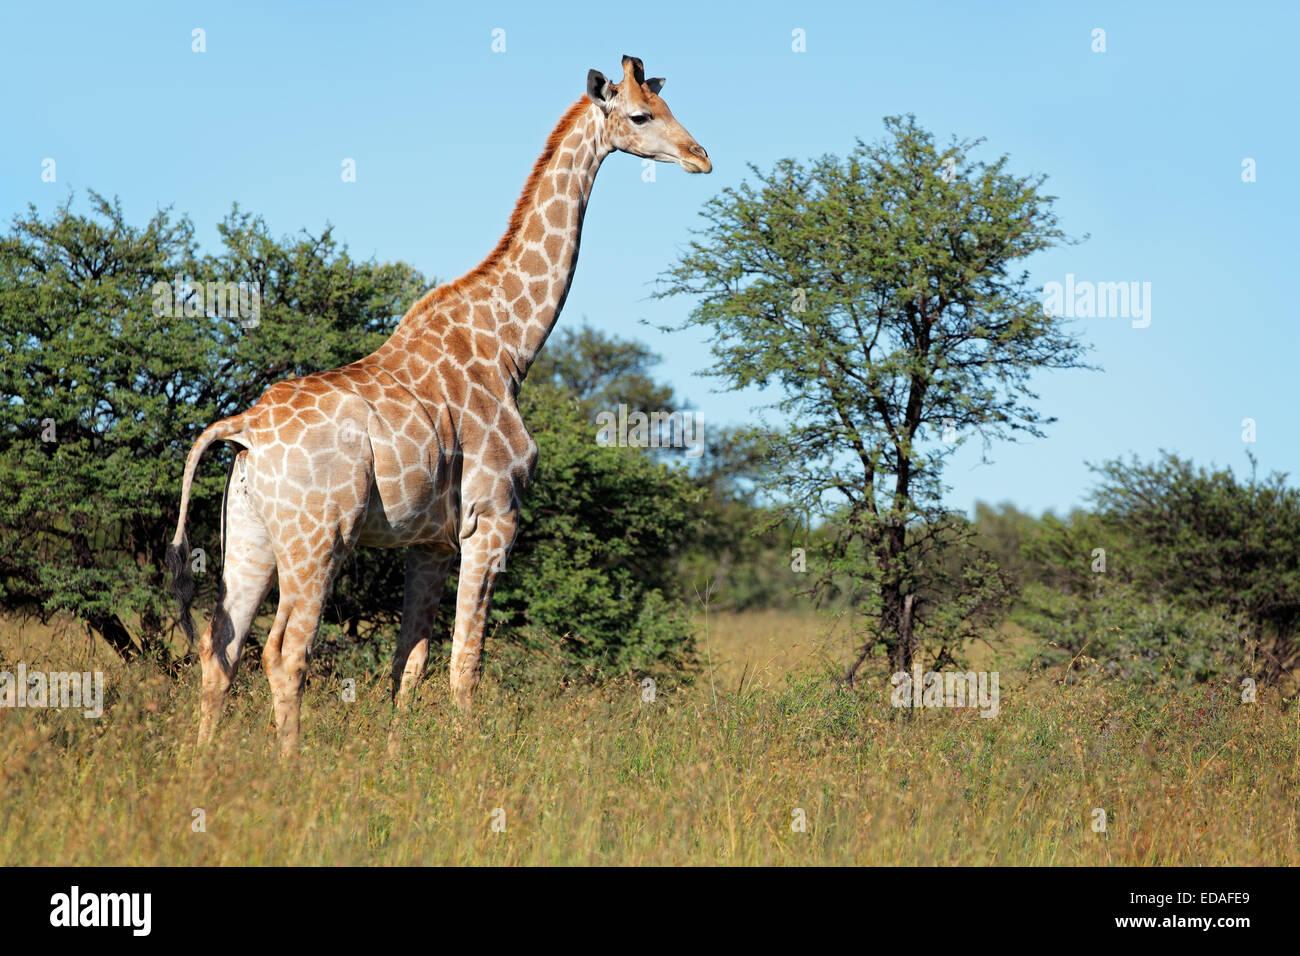 Eine Giraffe (Giraffa Plancius) im natürlichen Lebensraum, Südafrika Stockbild